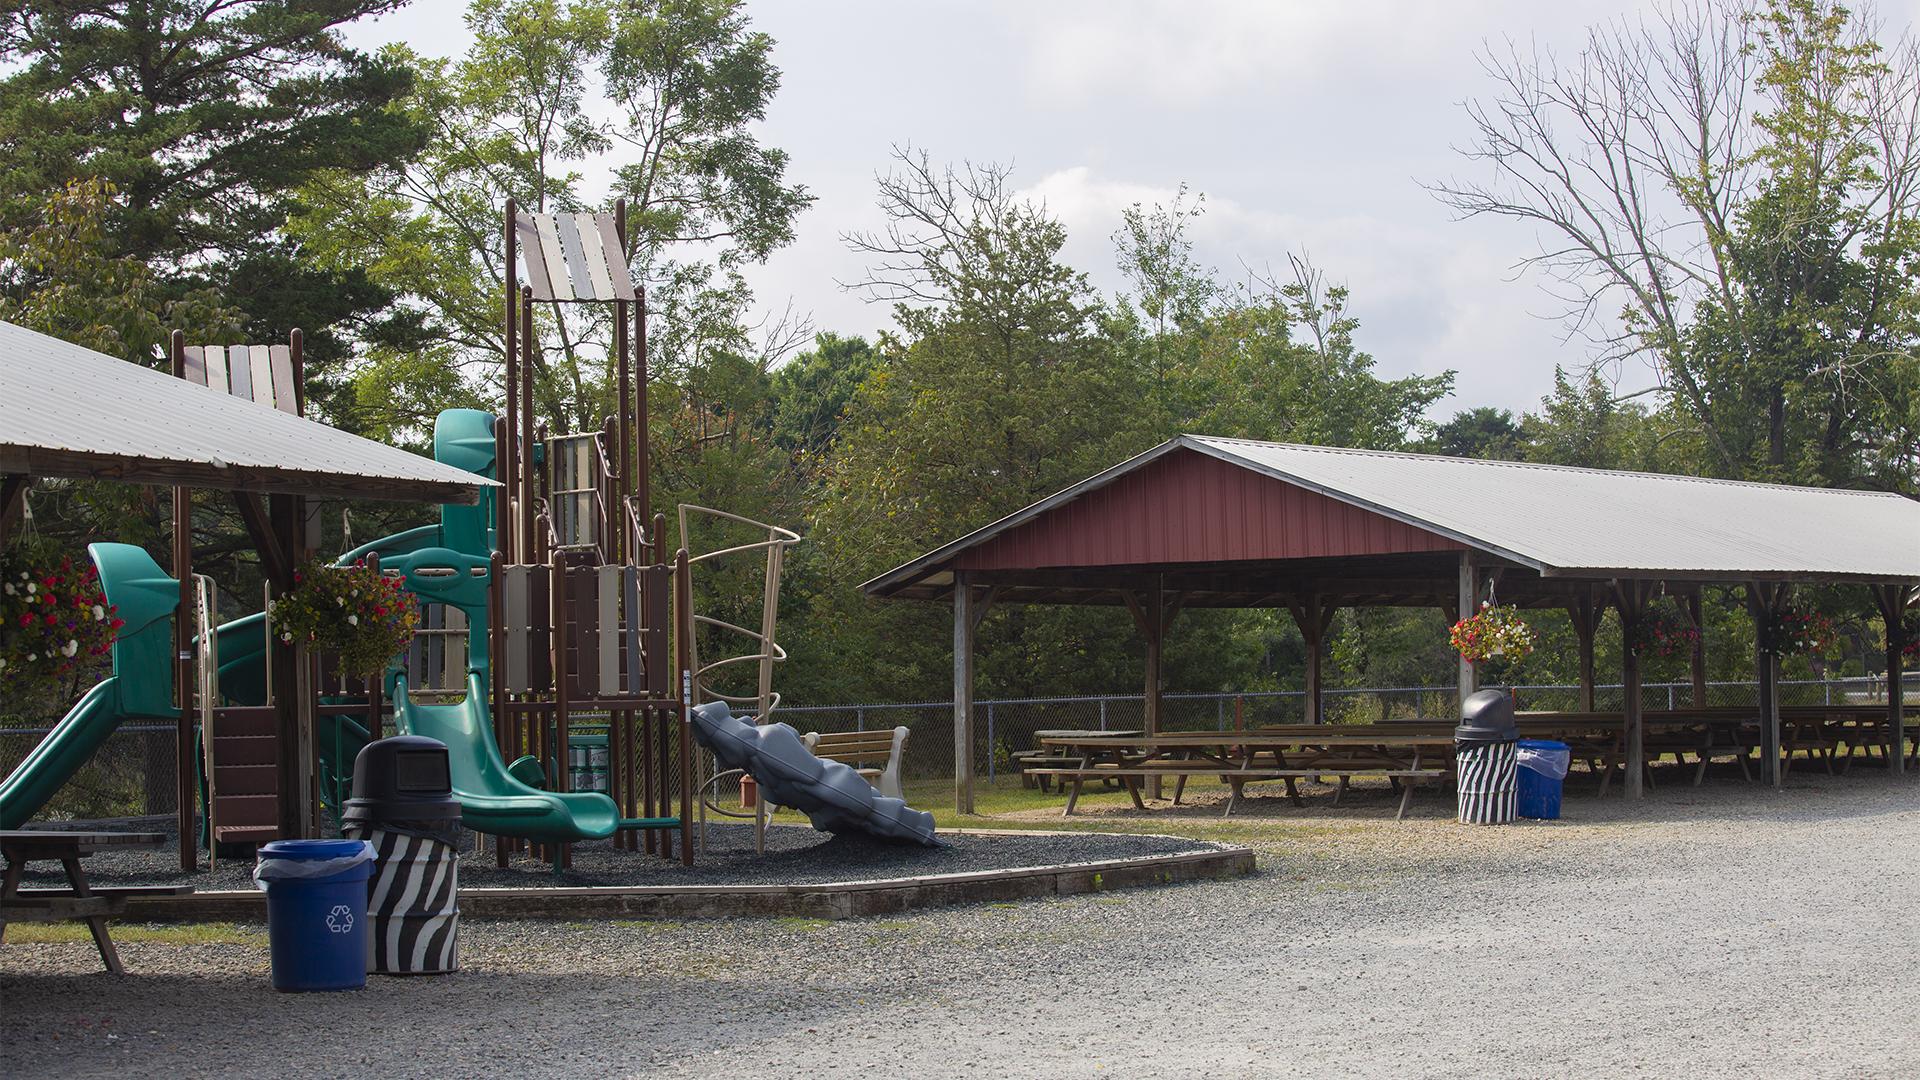 Pavillion and playground at Lake Tobias Wildlife Park